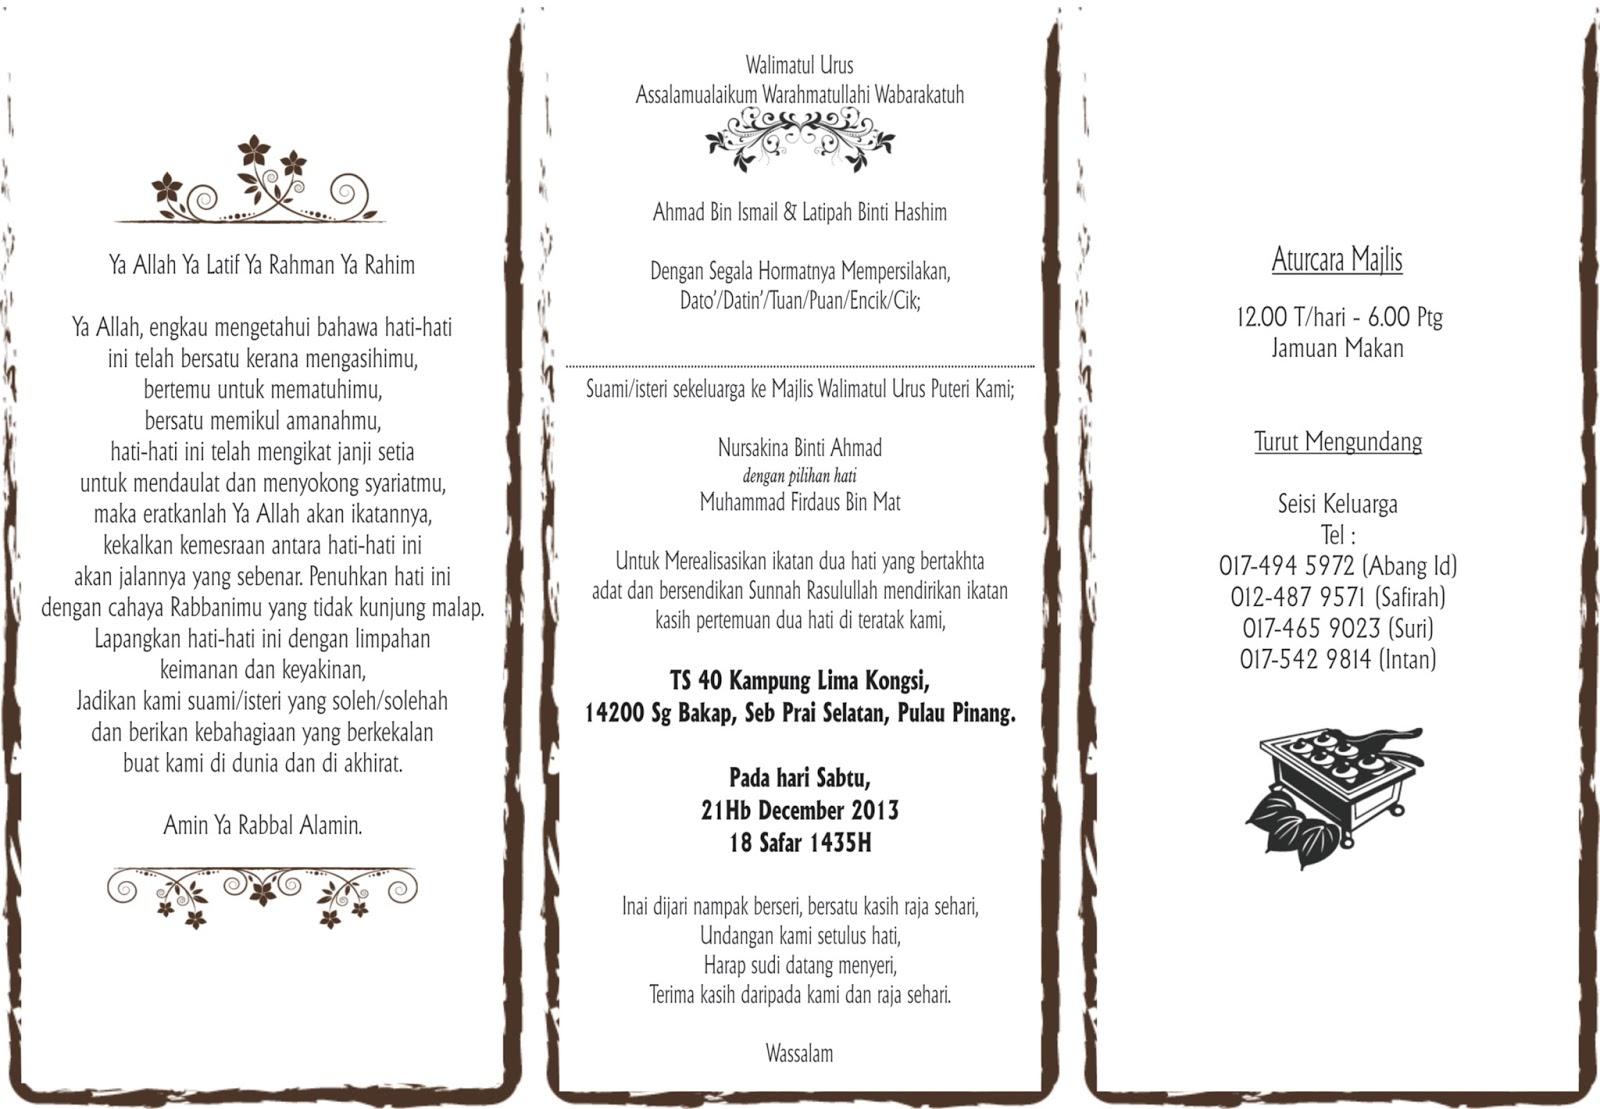 kad jemputan Kad jemputan merupakan satu kad untuk menjemput para hadirin khusnya kaum keluarga, sahabat handai sanak saudara dan sebagainya untuk sama-sama menghadiri dalam satu majlis yang telah.